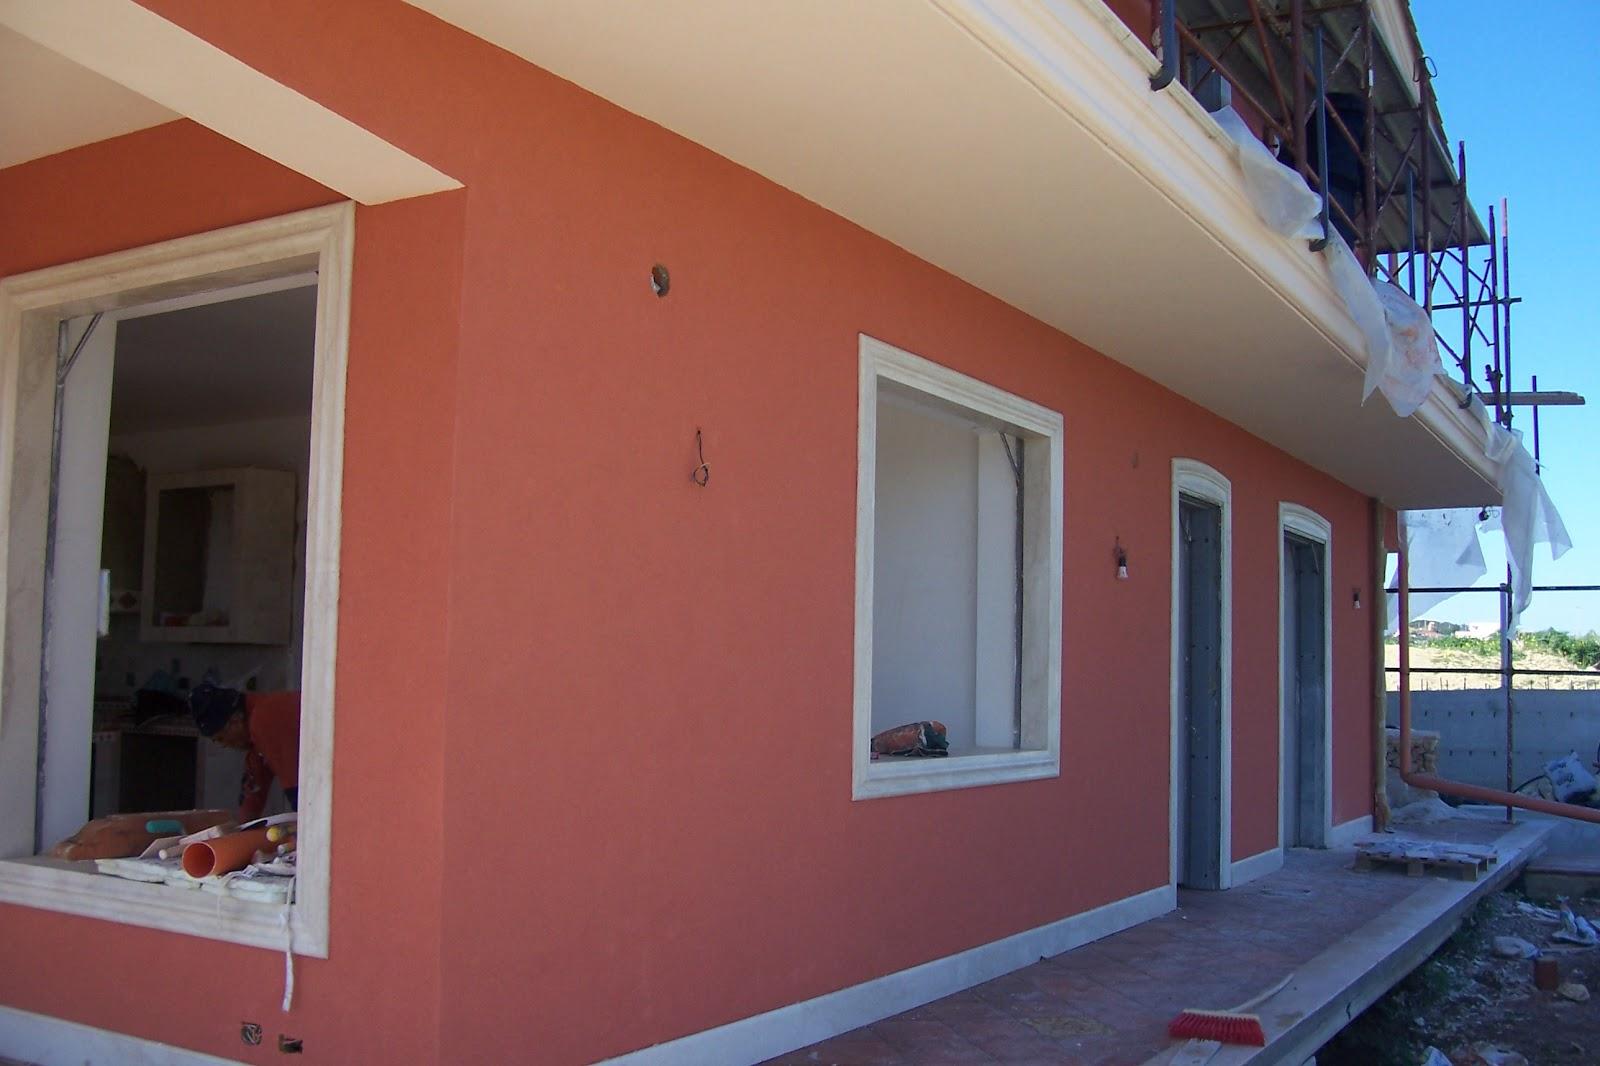 nuovi colori per esterno casa: casa del bosco nuovi colori. la ... - Nuovi Colori Per Esterno Casa